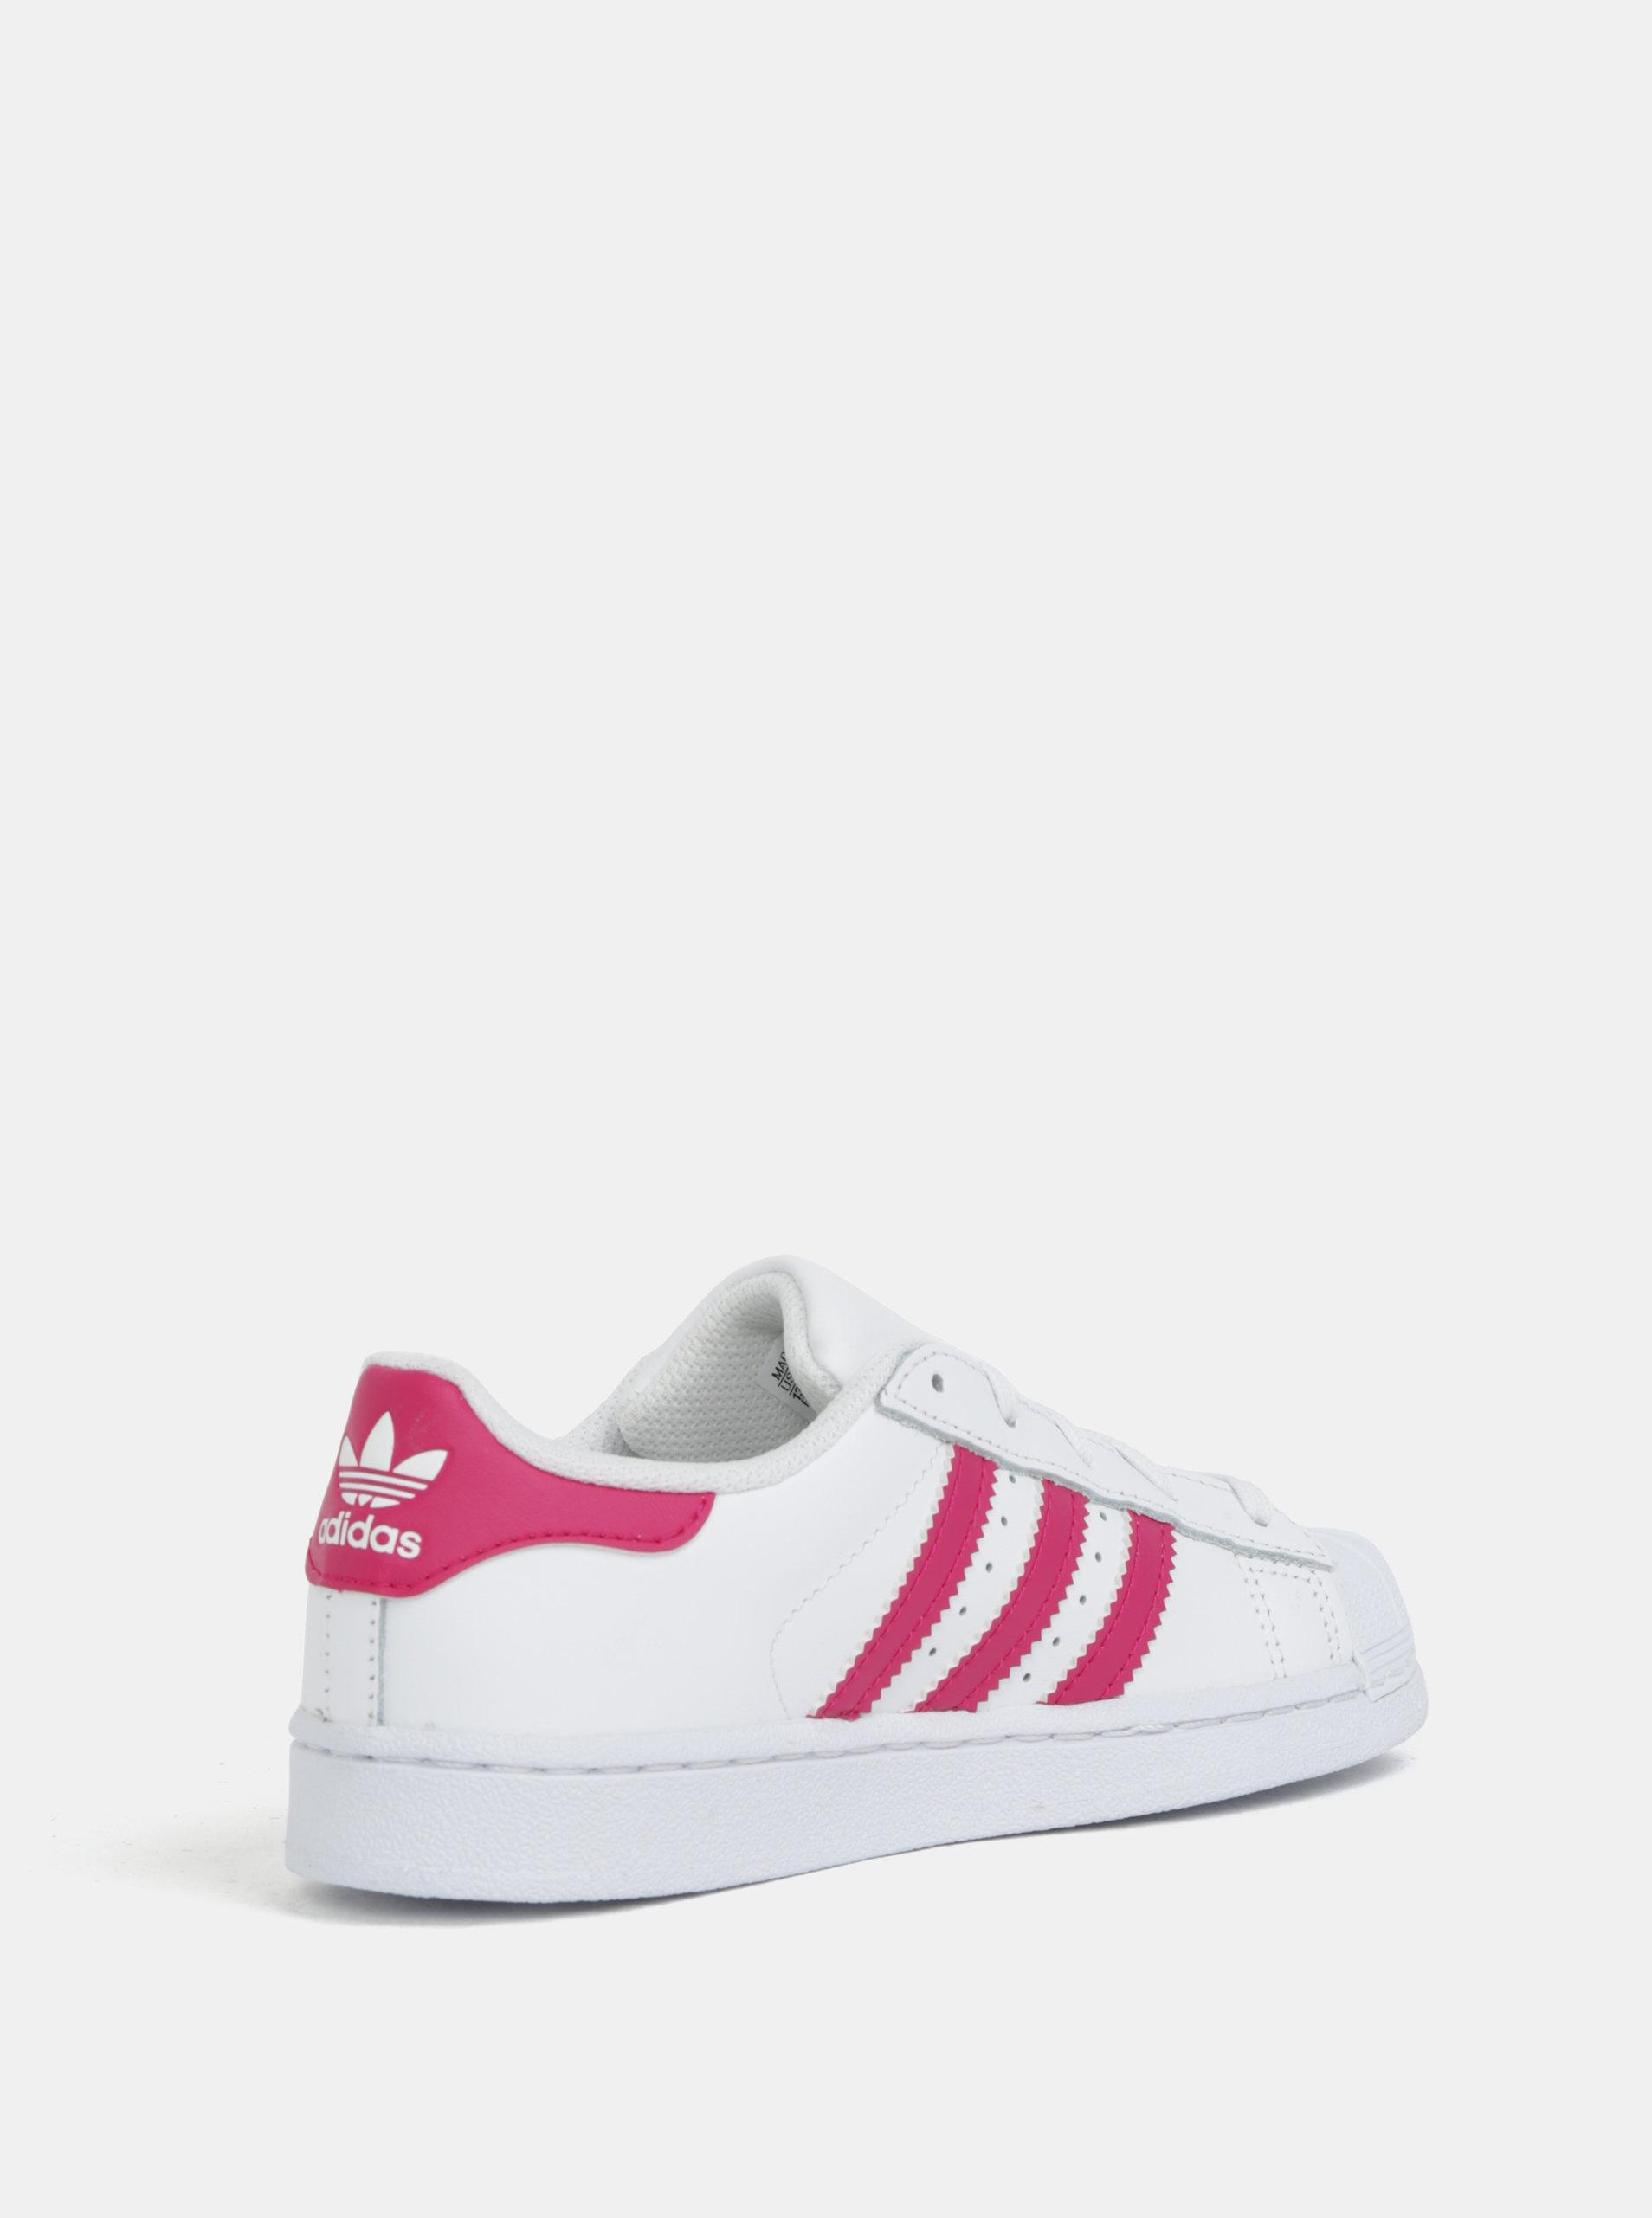 929aa9fc3b18e Biele detské kožené tenisky s ružovými pruhmi adidas Originals SUPERSTAR C  ...